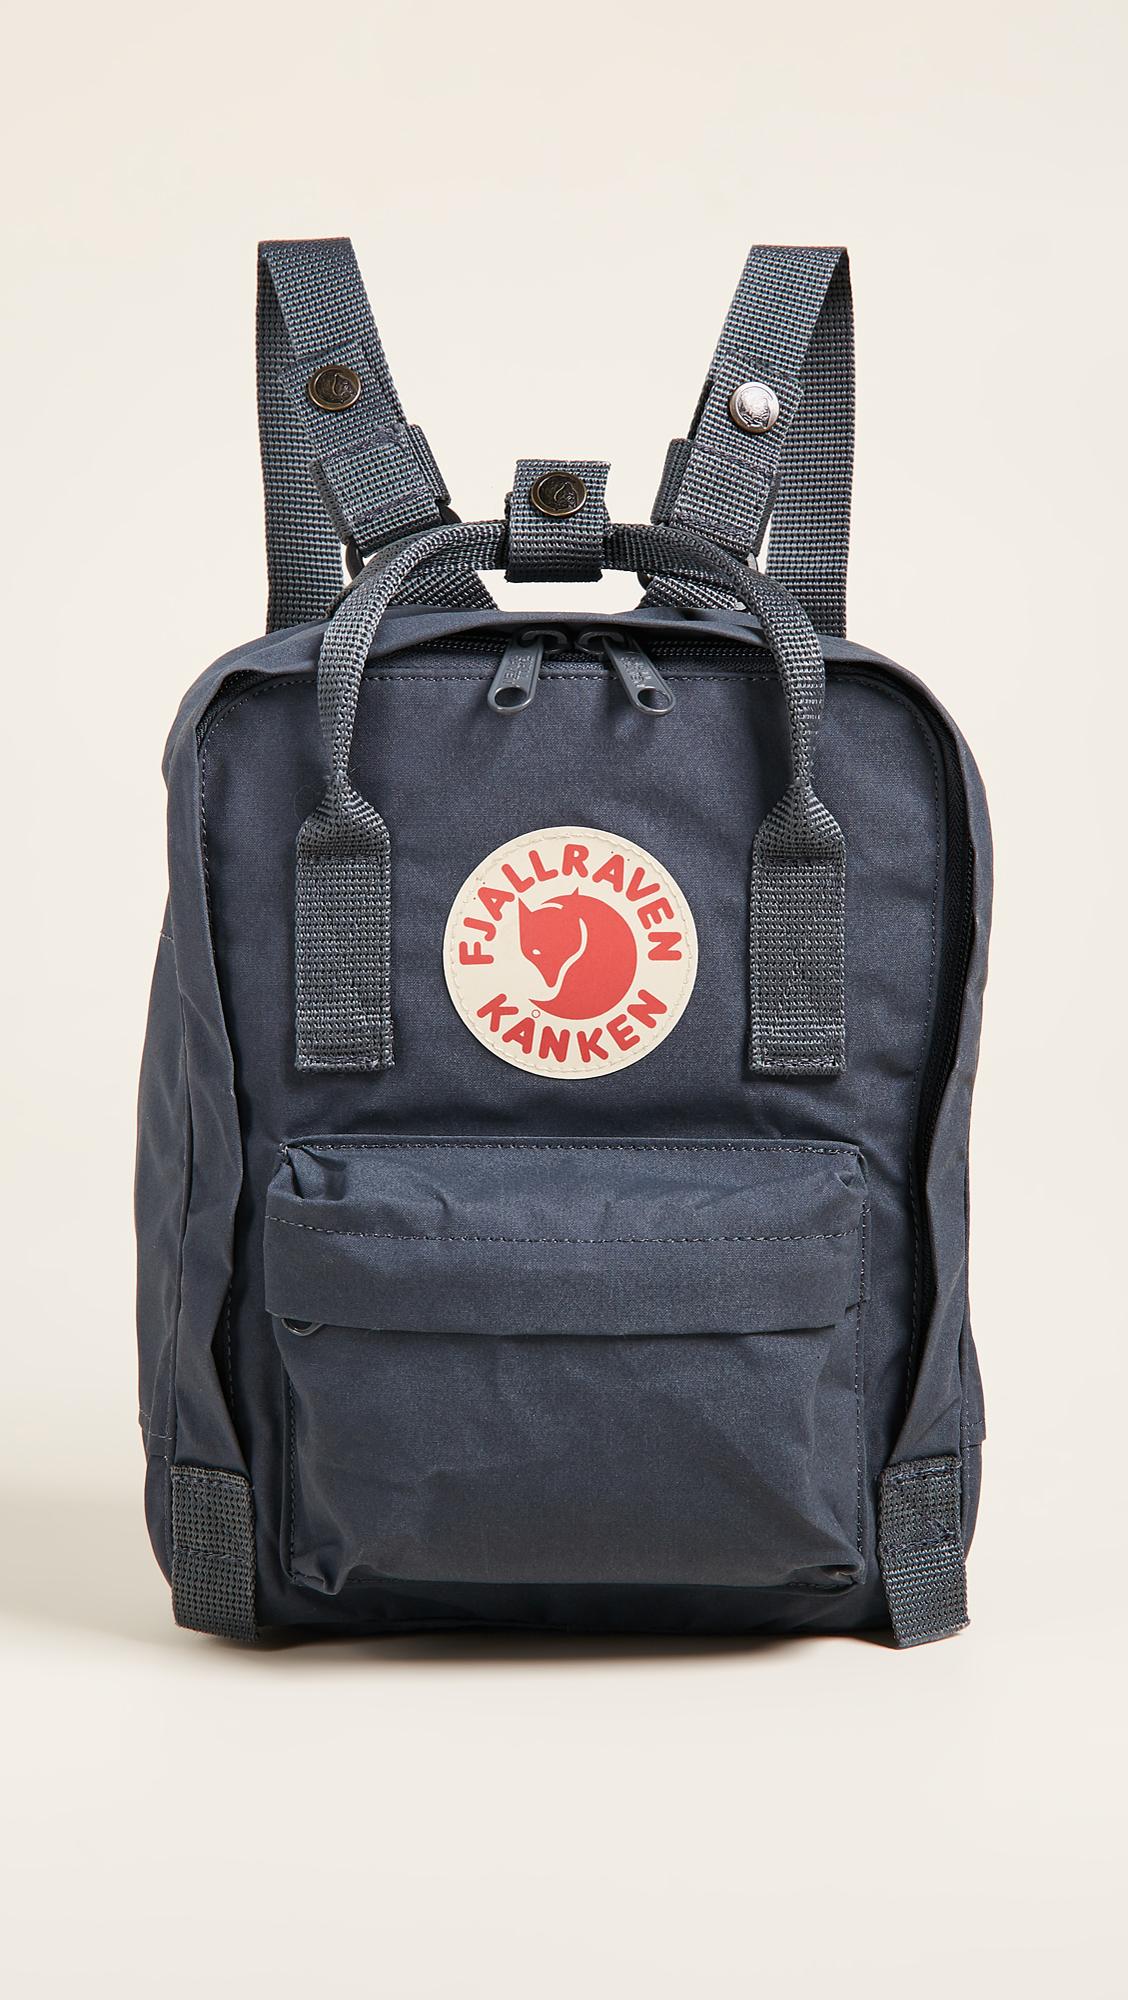 goede kwaliteit ophalen klassieke stijlen How To Adjust Fjallraven Kanken Mini Backpack Straps - CEAGESP